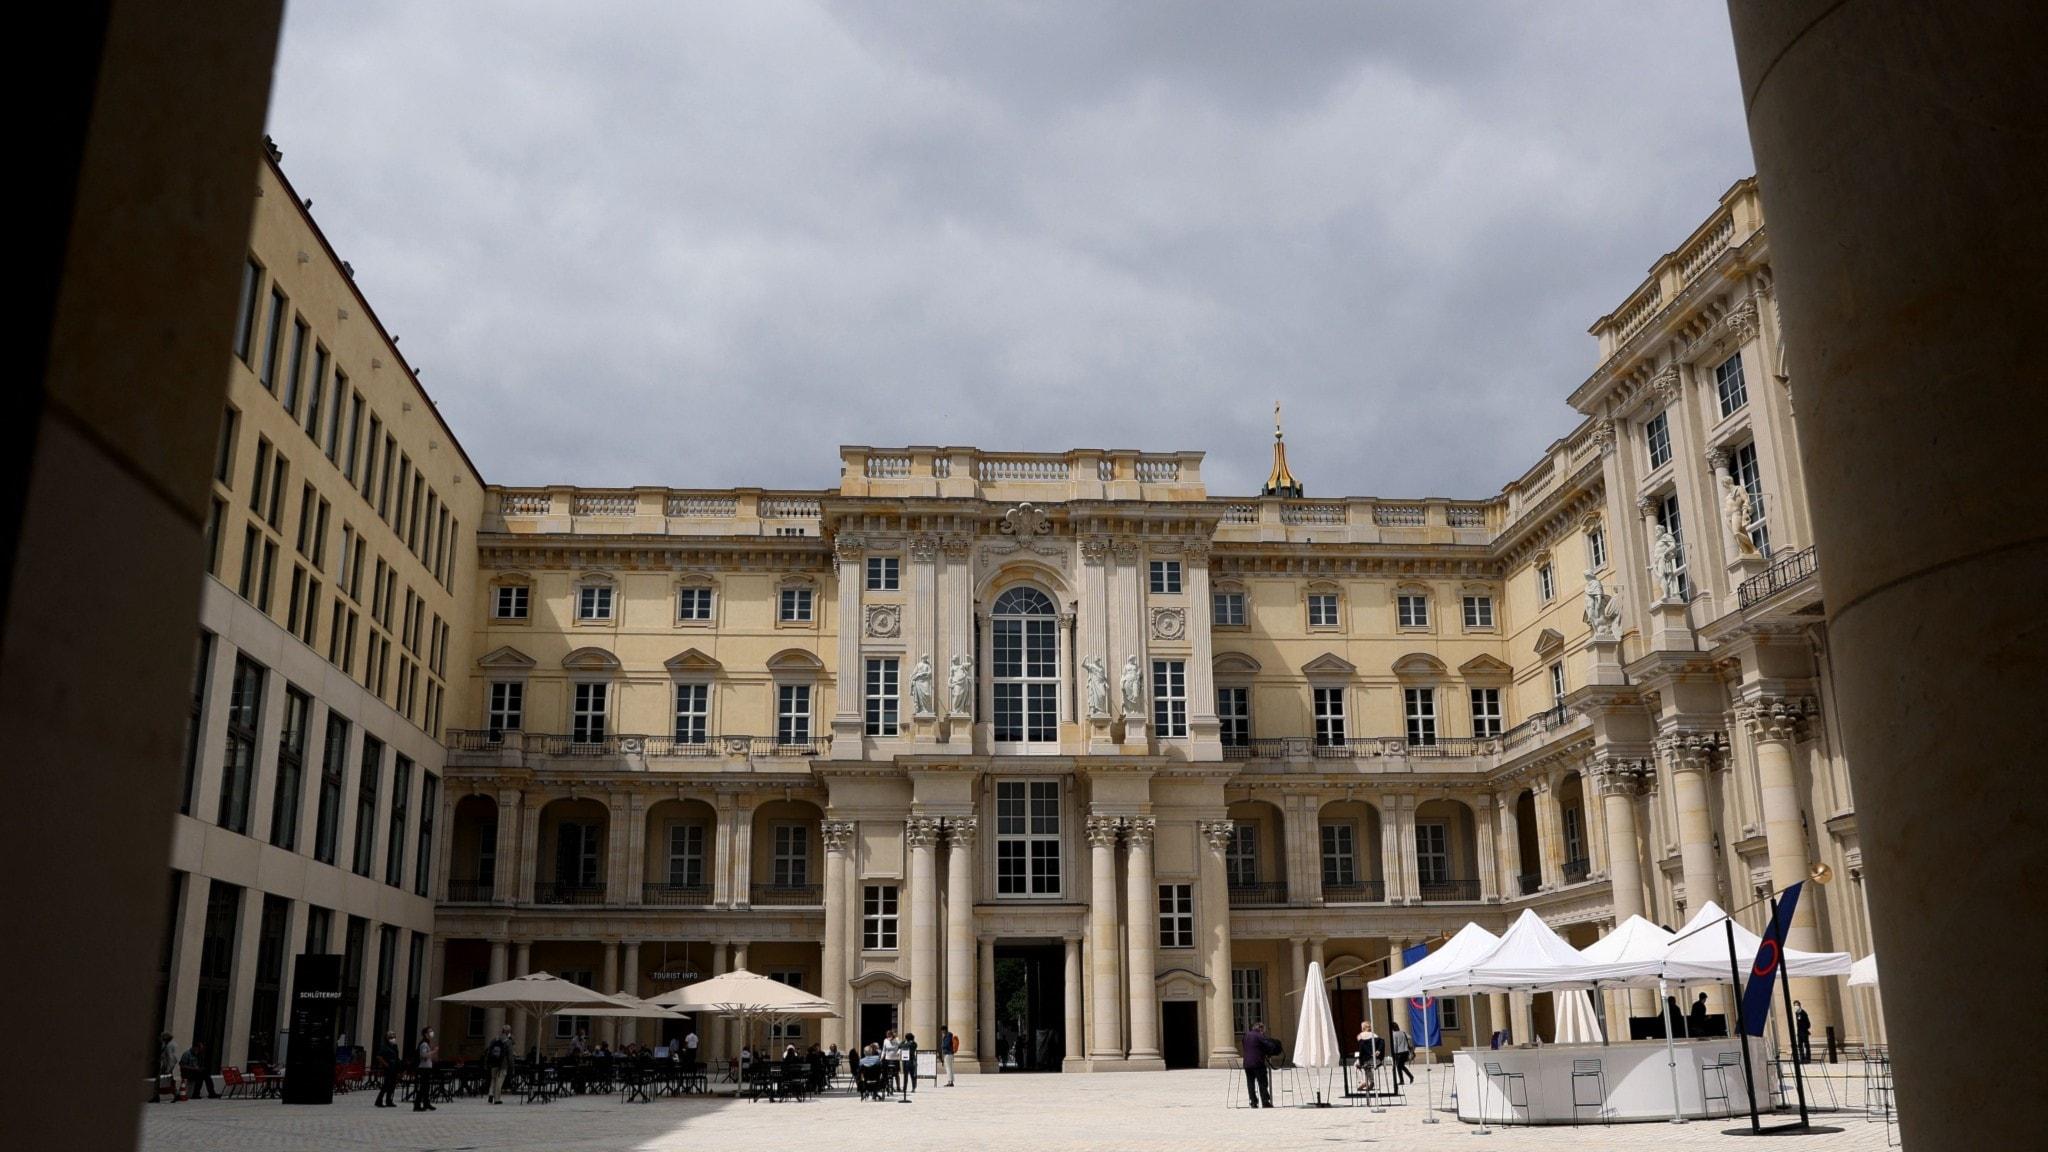 Idag öppnar museikomplexet Humboldt Forum i Berlin